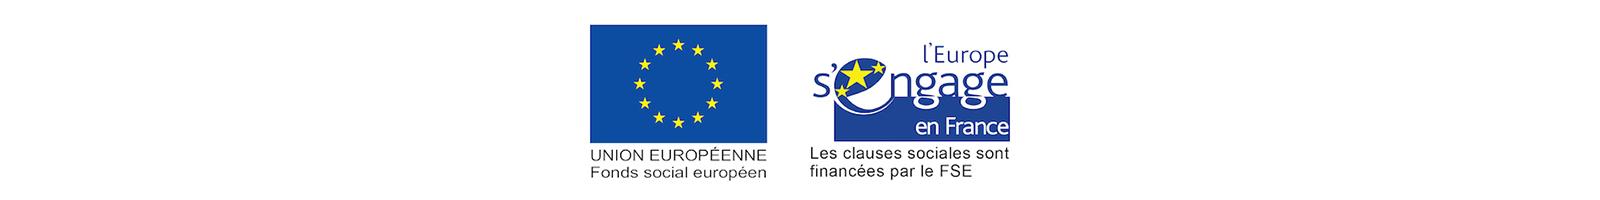 Union européenne - Fonds social européen. L'Europe s'engage en France : les clauses sociales sont financées par le FSE